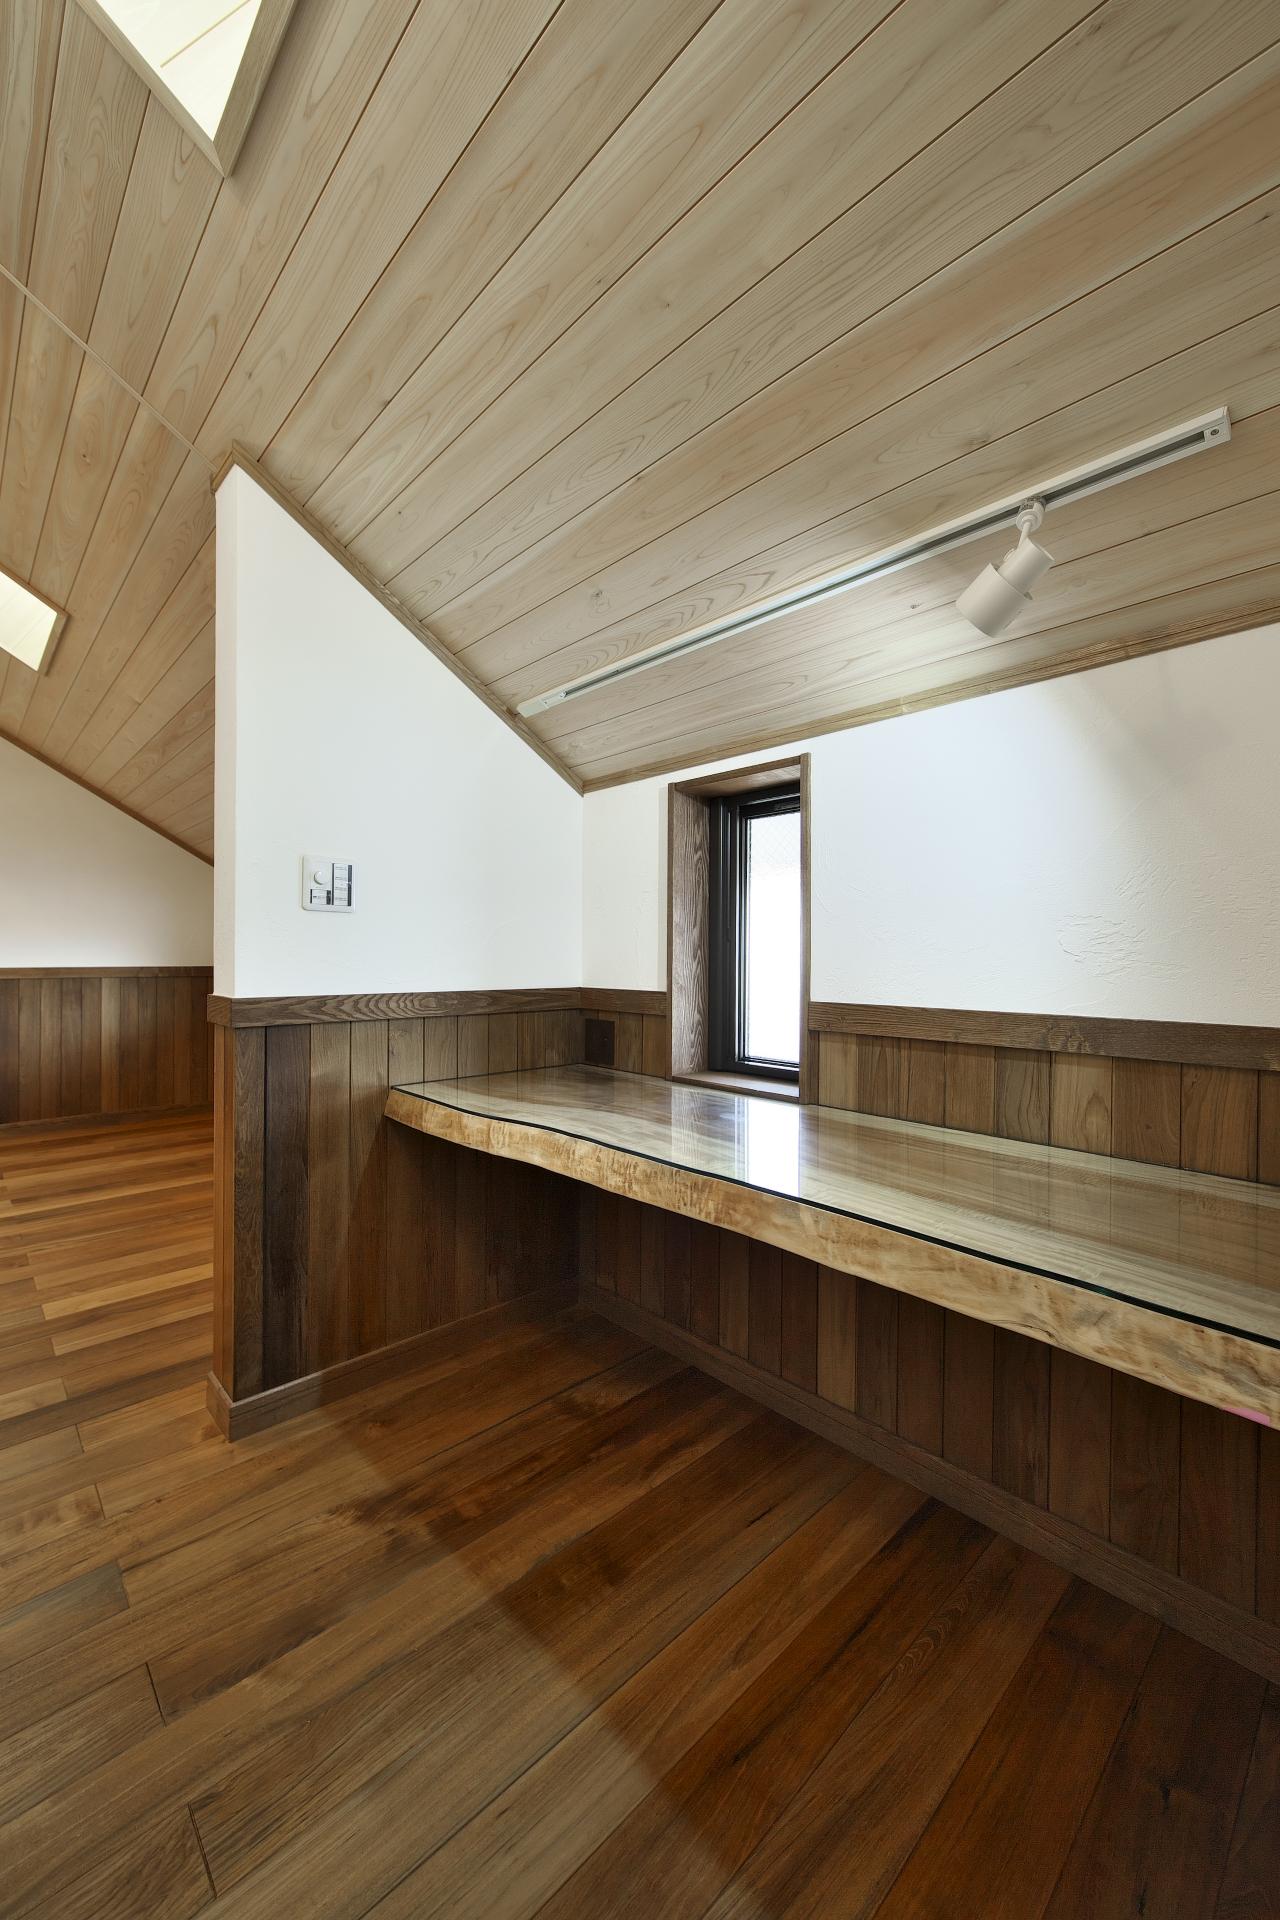 創住環【自然素材、省エネ、高級住宅】子供部屋はトチの木で作った造作のデスクが便利